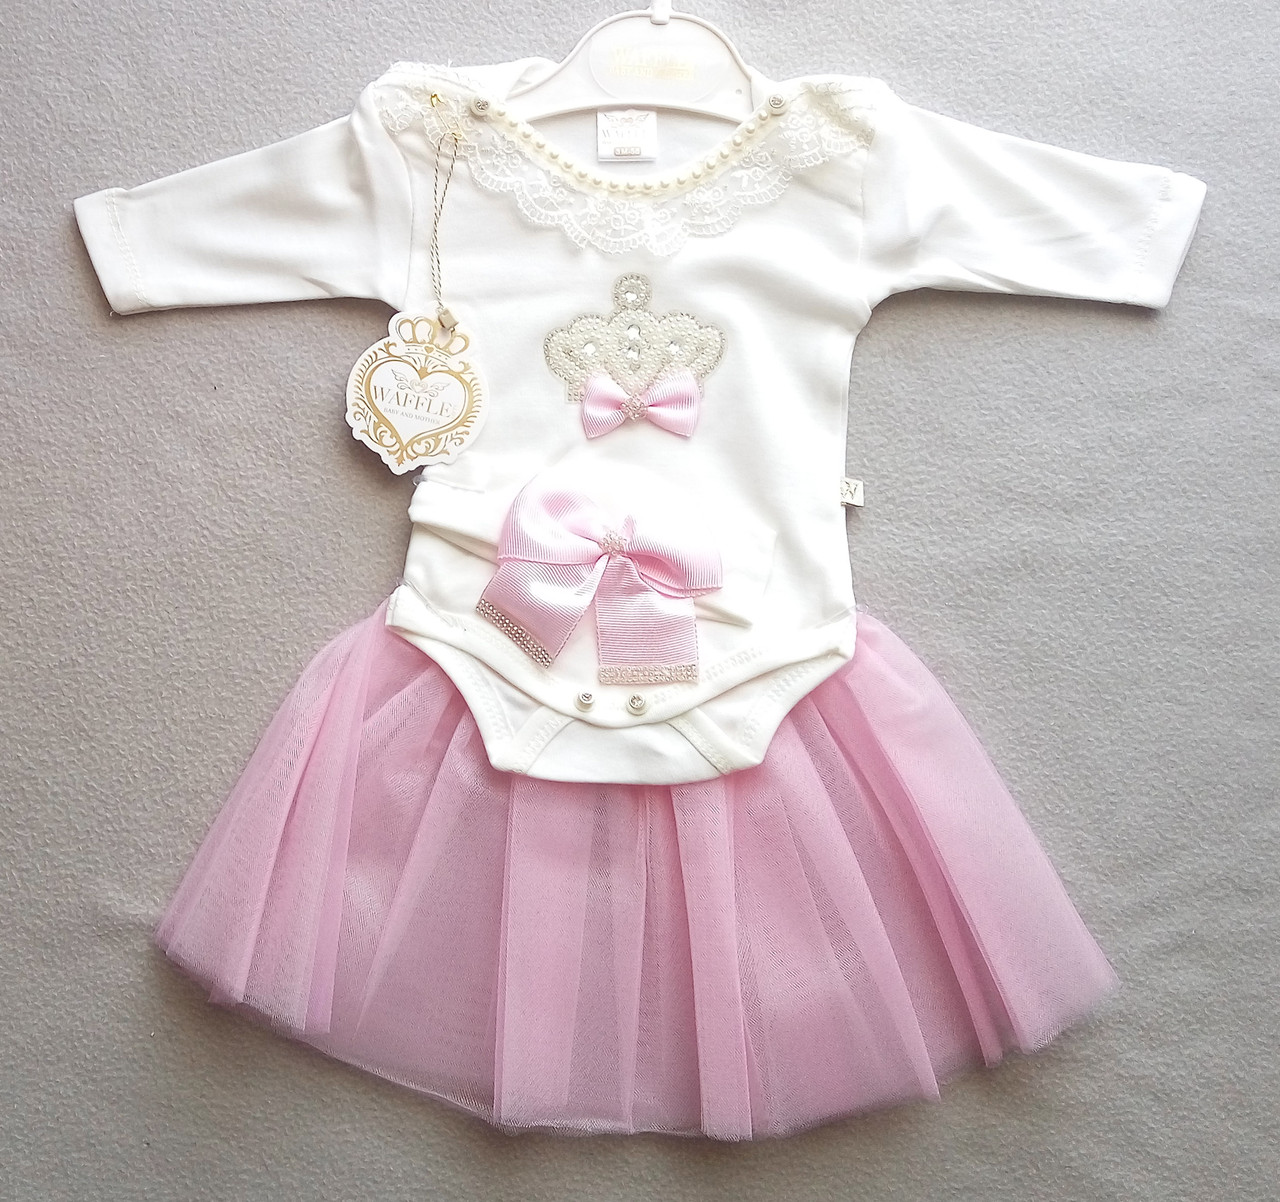 047c826d5f32 Нарядный костюм с боди и юбкой для новорожденных, на девочек 0-6 месяцев —  ...